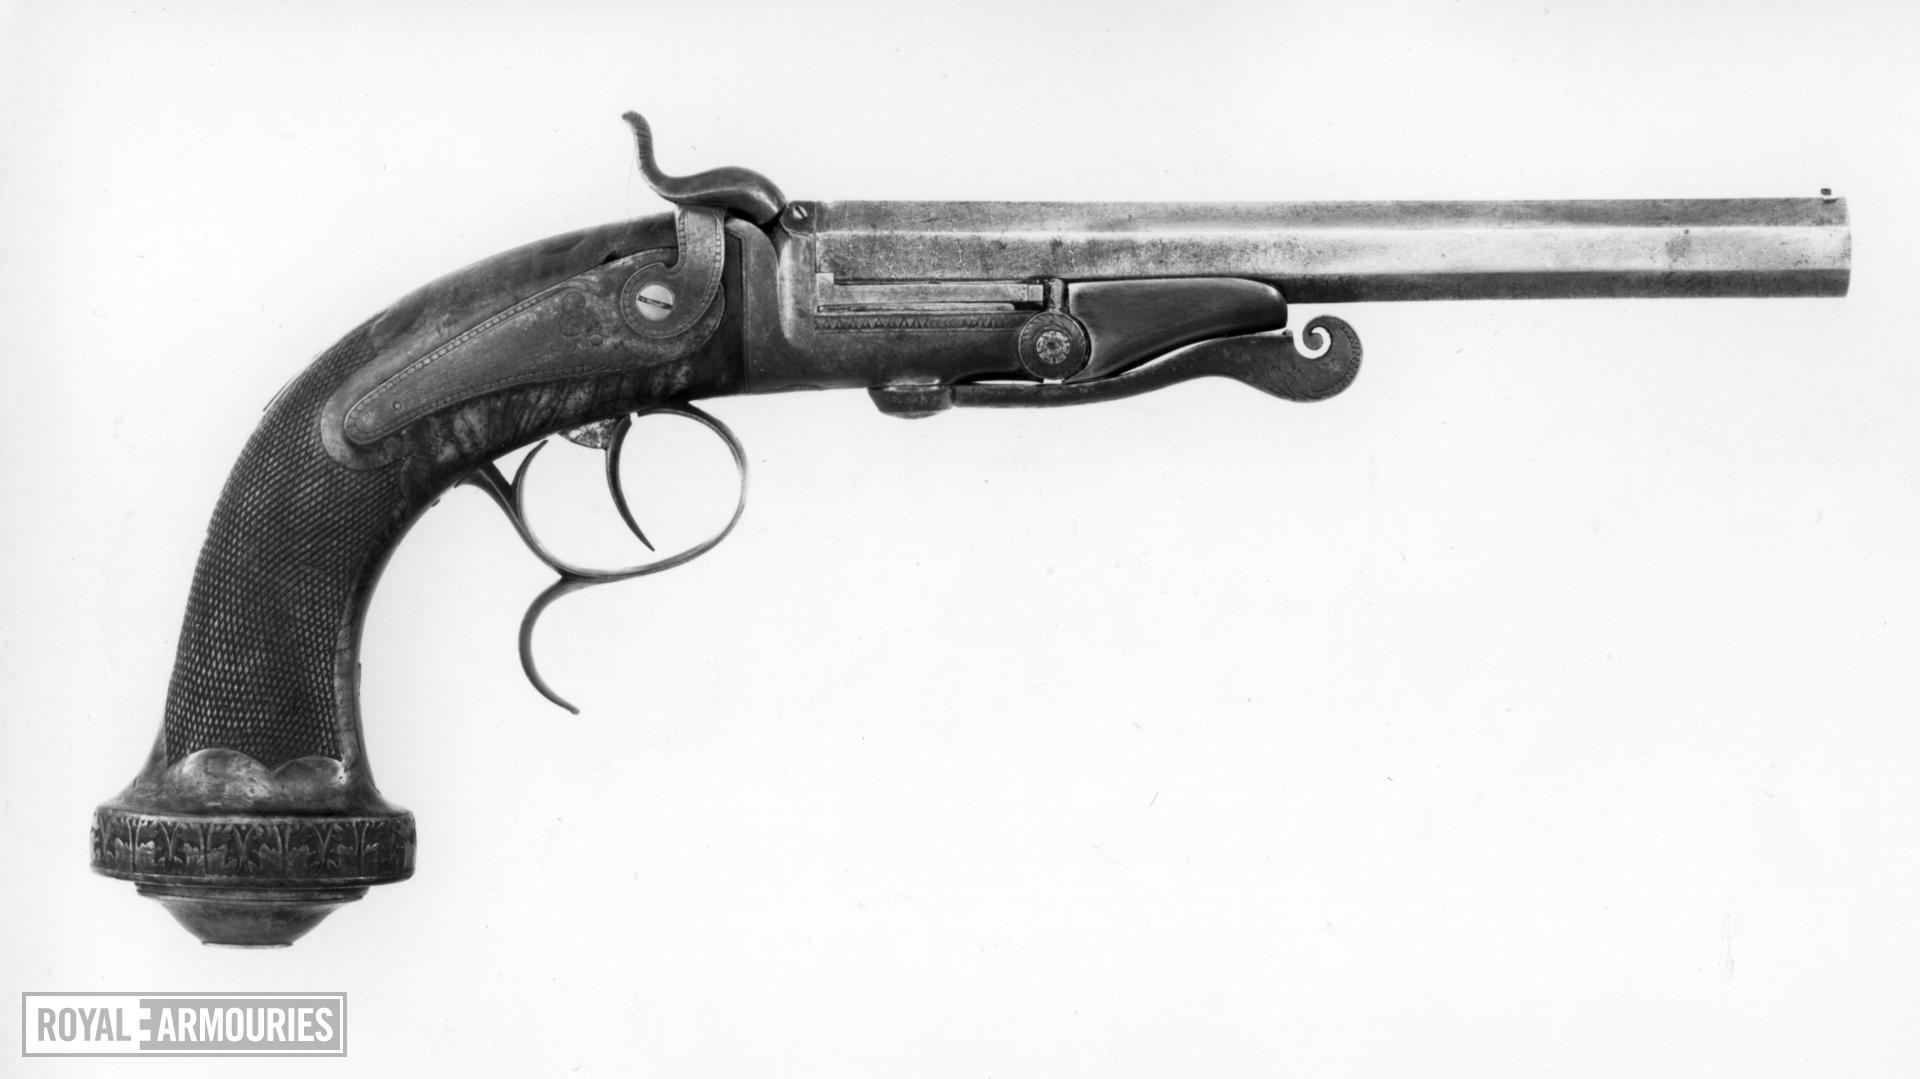 Centrefire breech-loading target pistol - Lefaucheux Patent